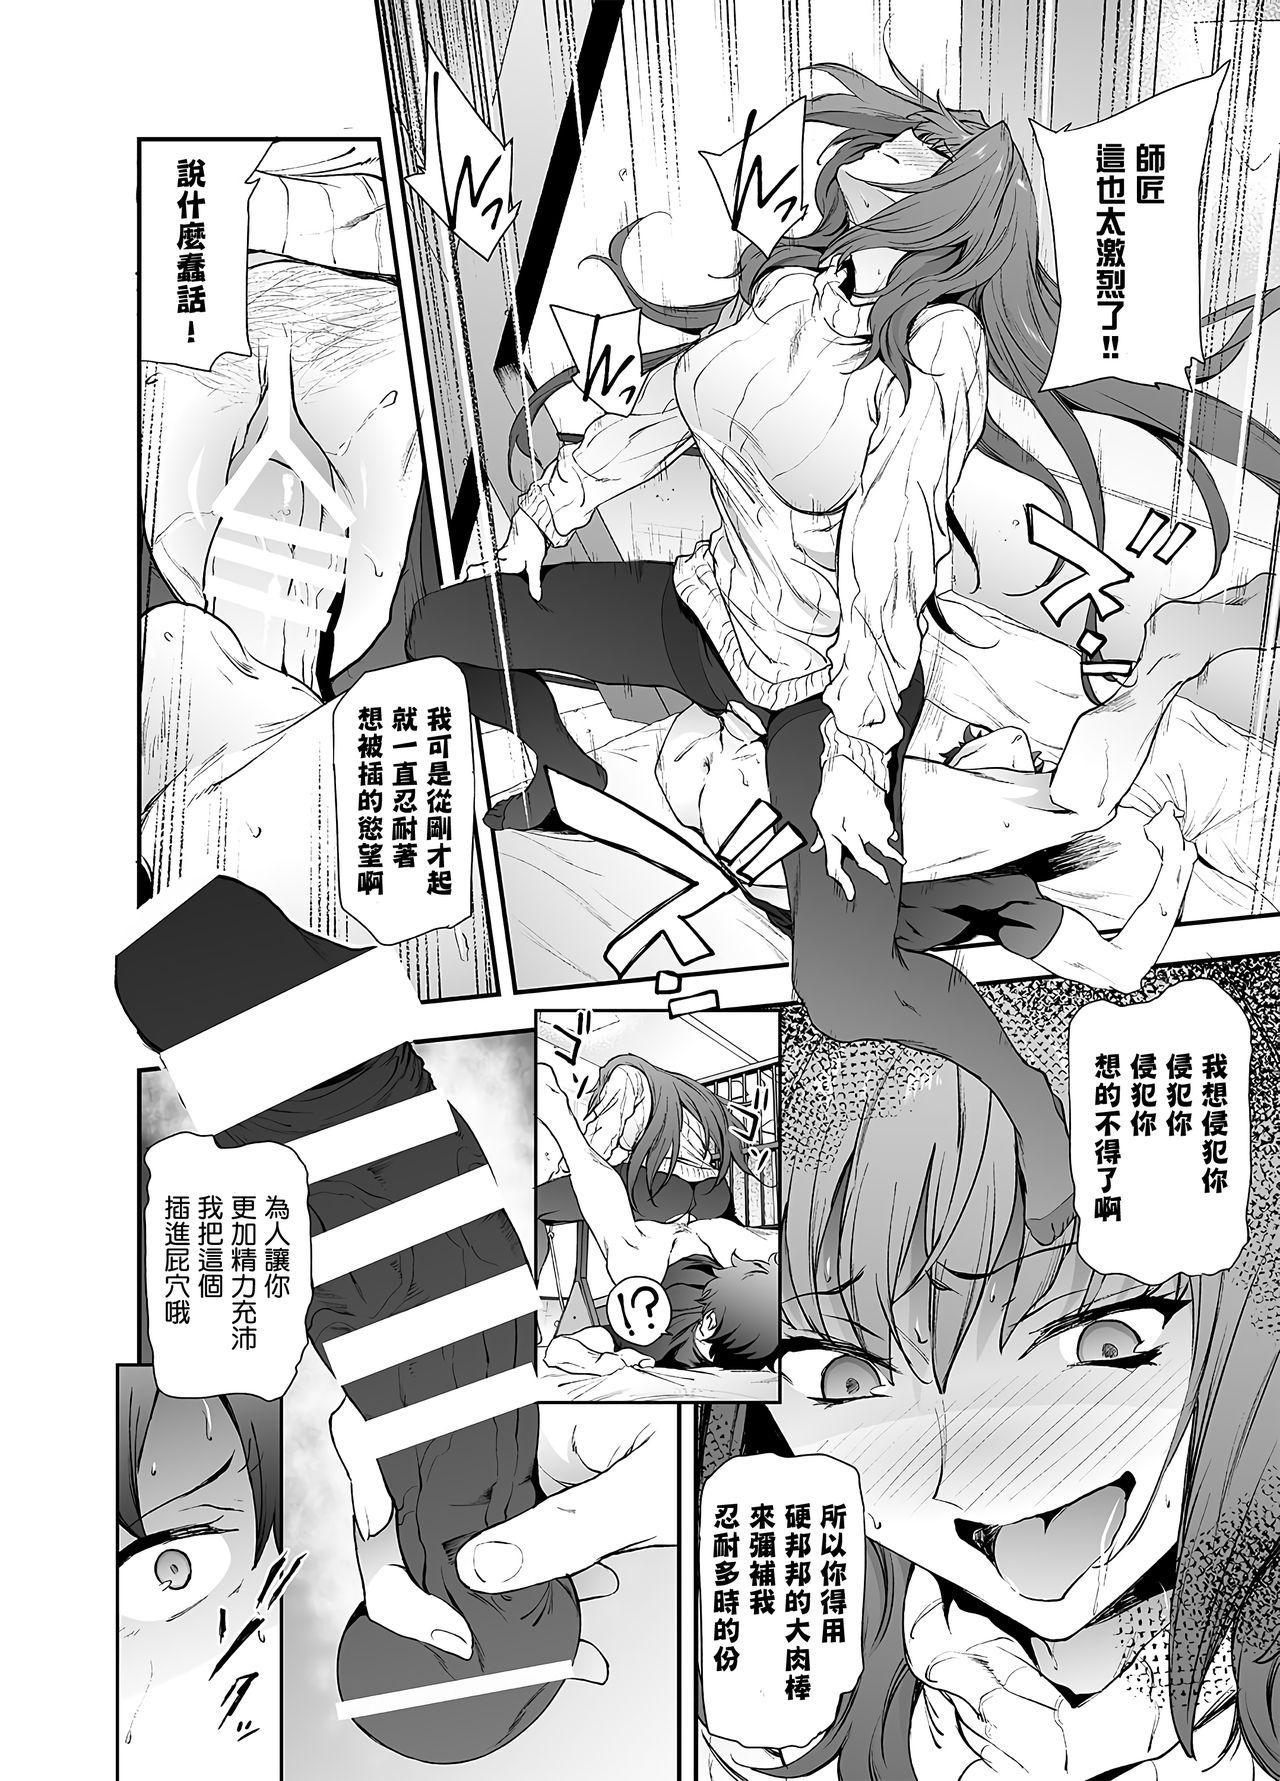 Scathach-shishou ni Okasareru Hon 2 15